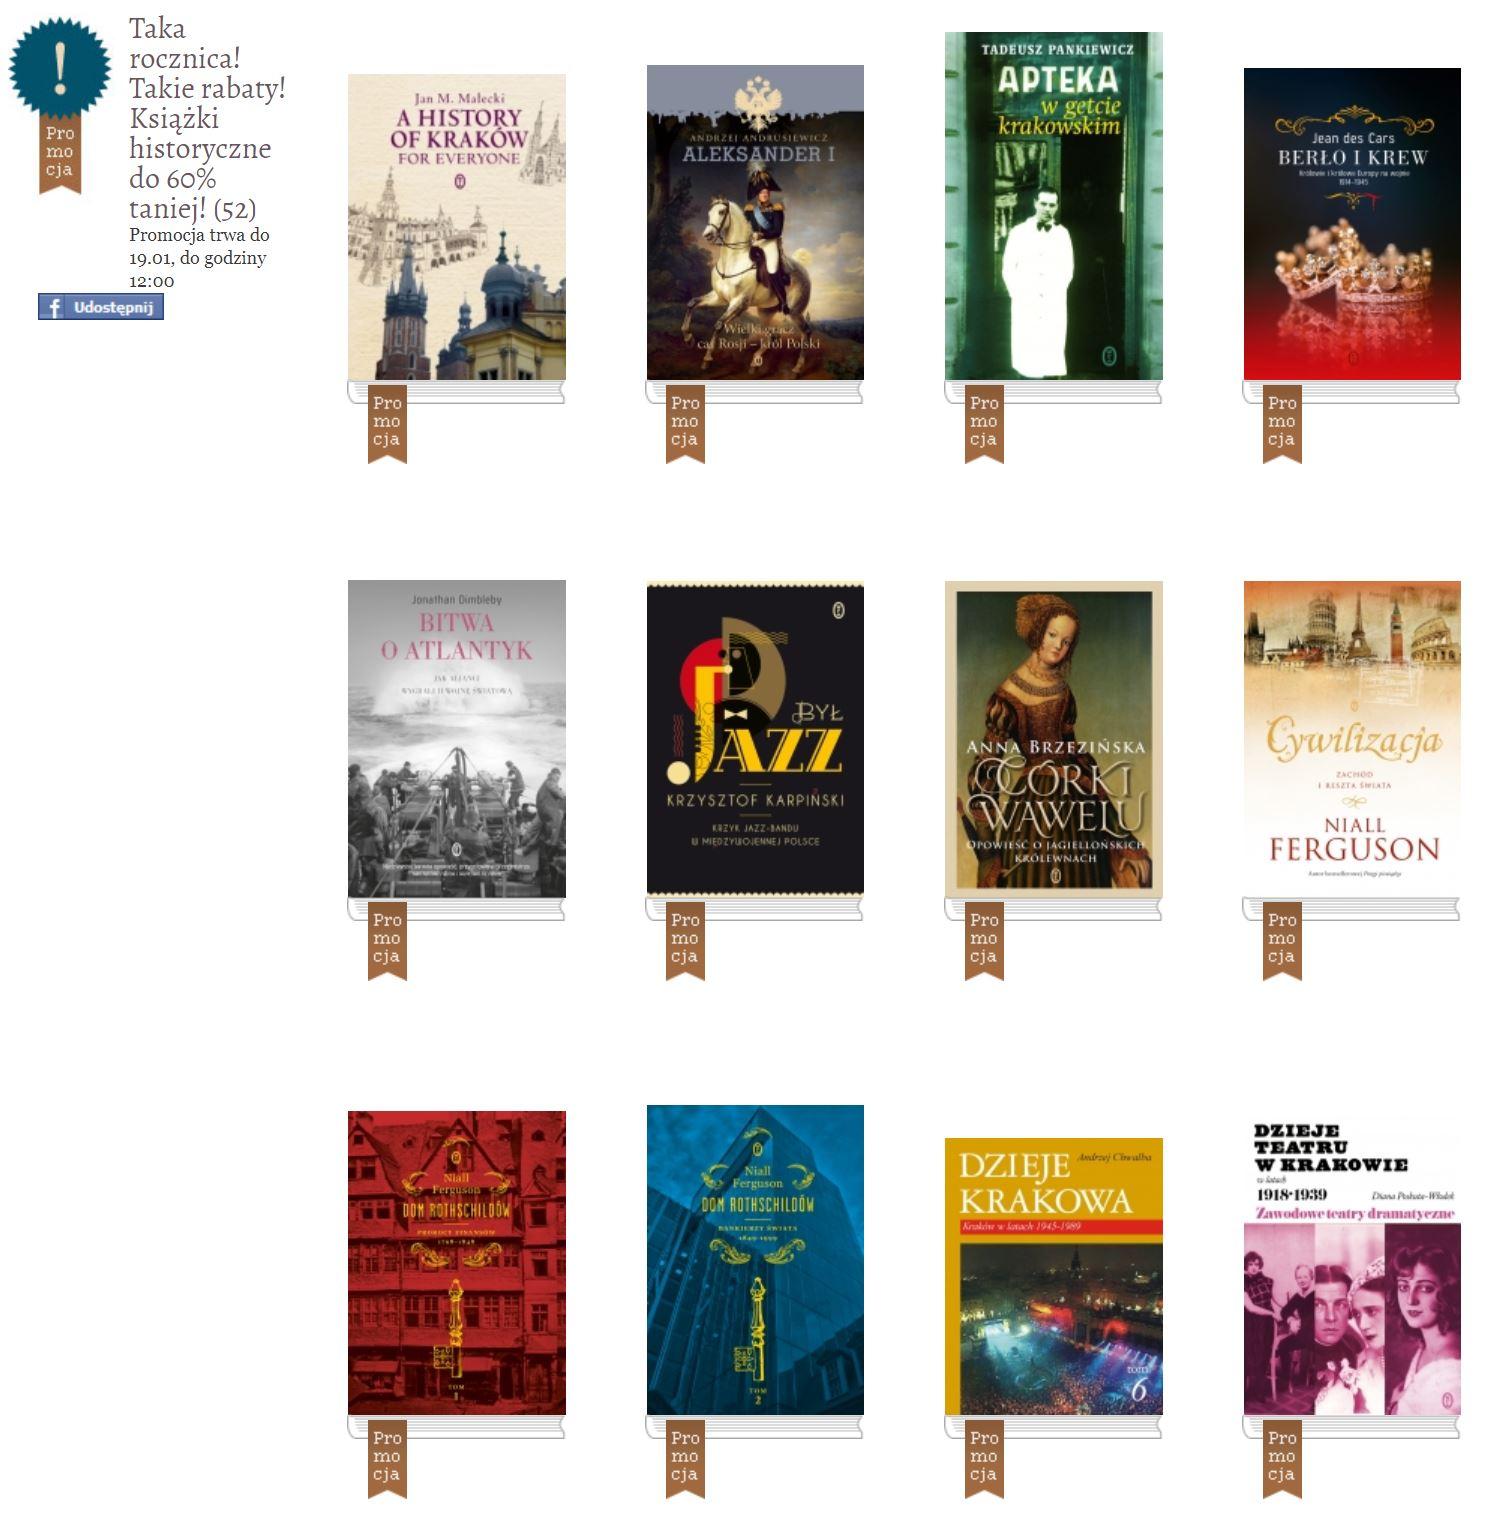 Okrągłe rabaty na okrągłą rocznicę! Książki historyczne do 60% taniej!